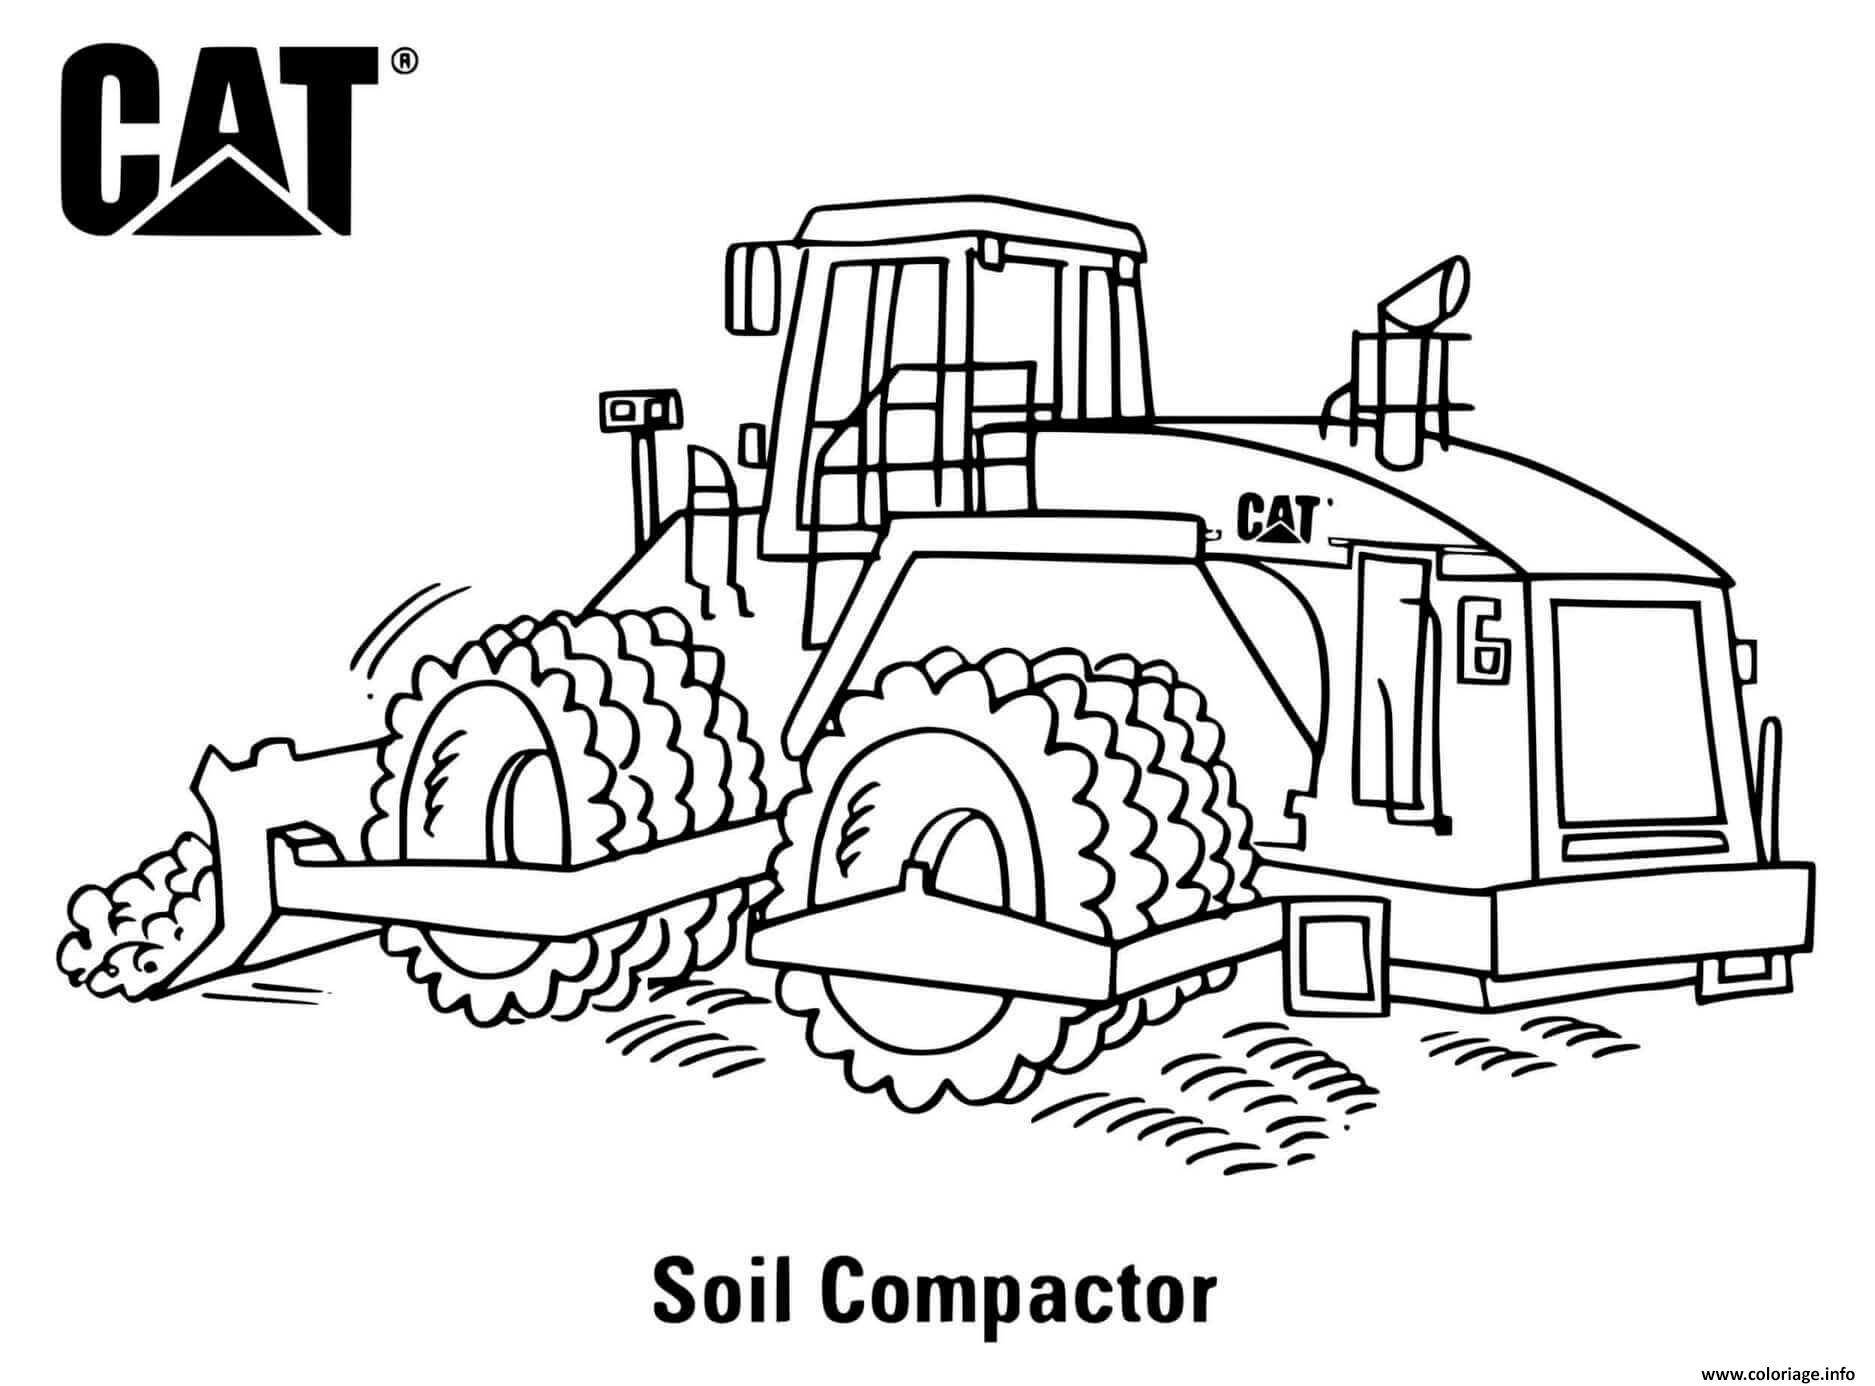 Dessin soil compactor engin de chantier compacteur Coloriage Gratuit à Imprimer